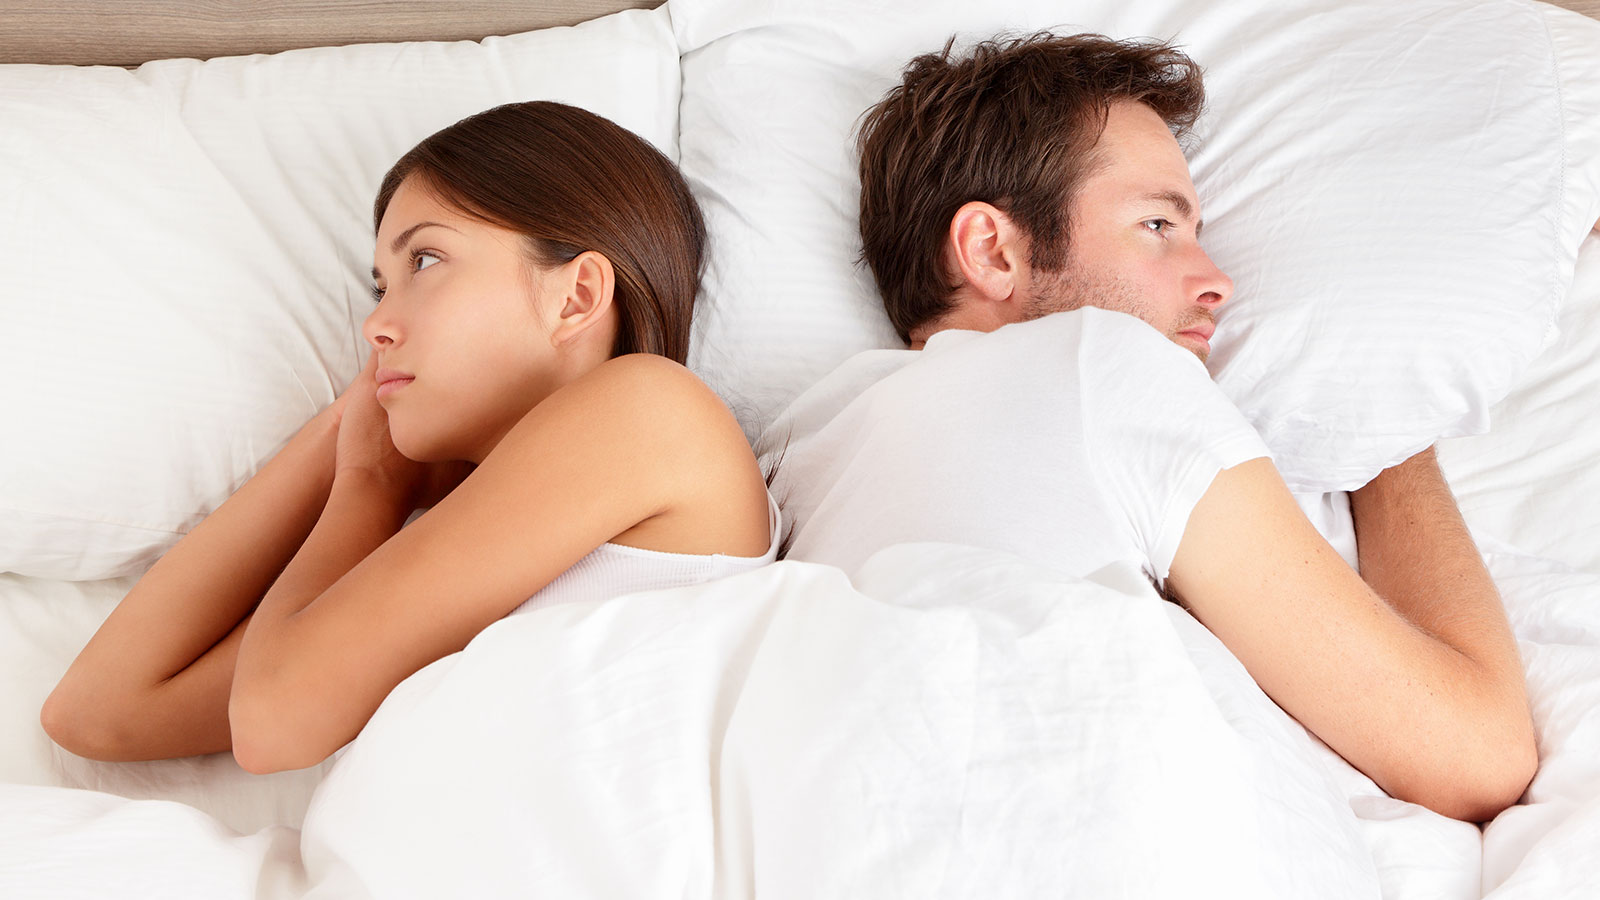 Alergia al marido – ¿causa de infertilidad?